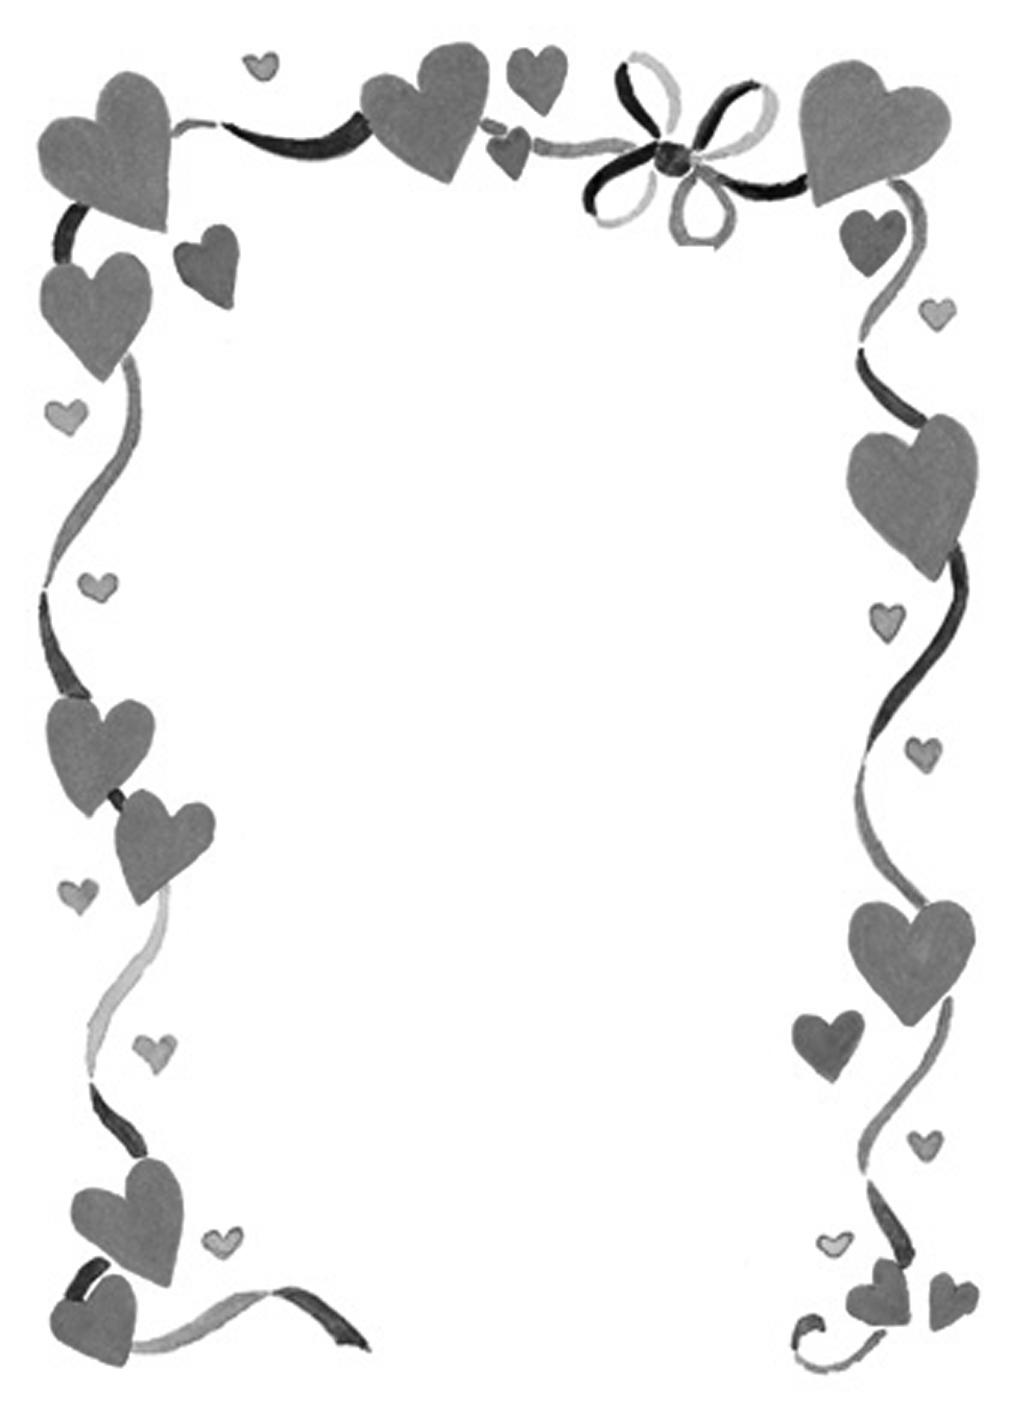 wedding page borders juve cenitdelacabrera co rh juve cenitdelacabrera co free wedding border clip art wedding theme border clipart free